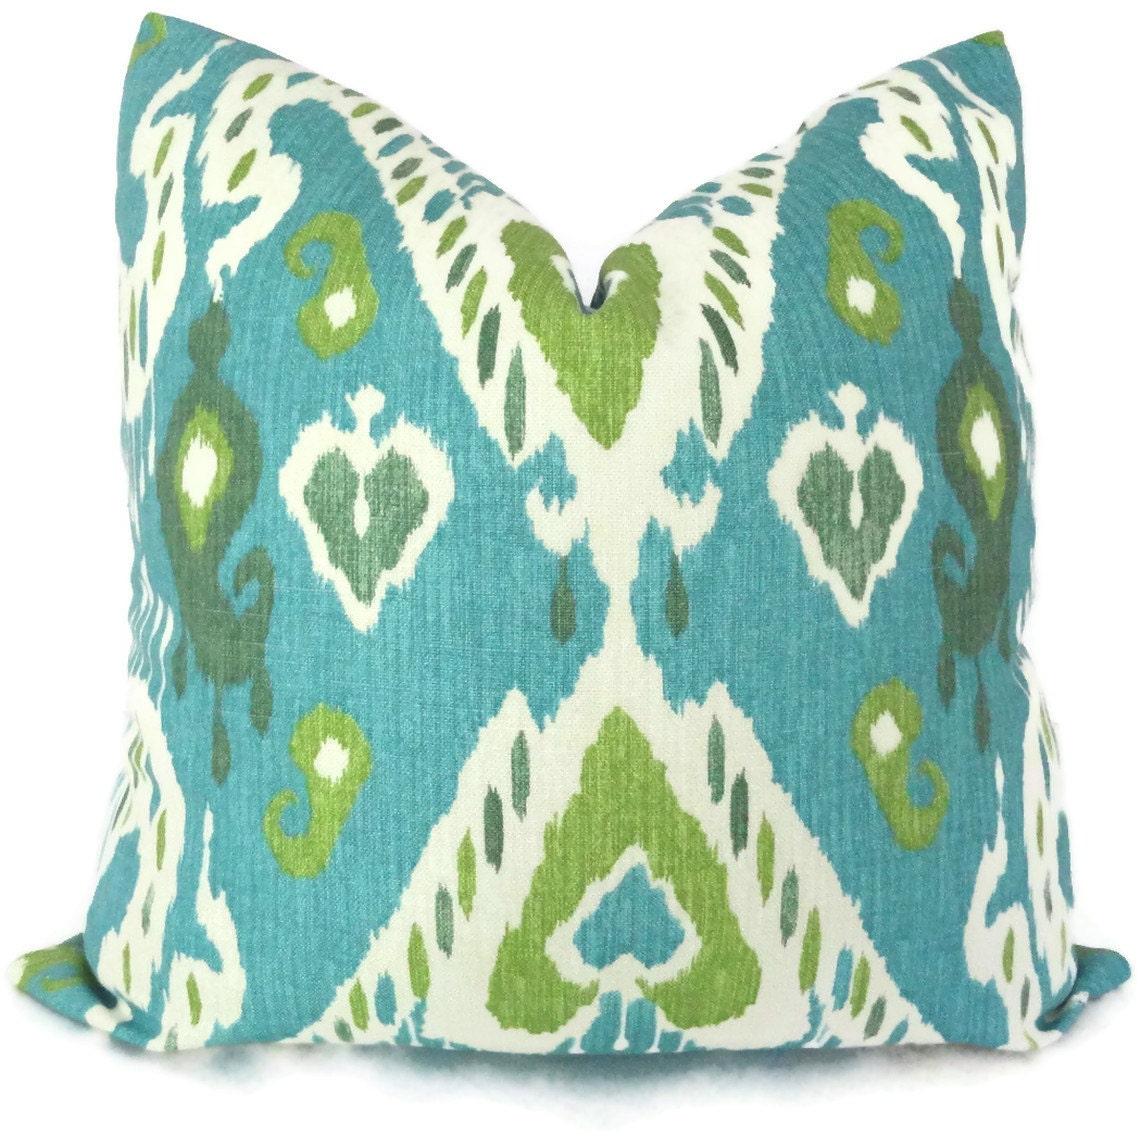 Green Throw Pillows Etsy : Aqua and Green Ikat Decorative Pillow Cover LUMBAR PILLOW